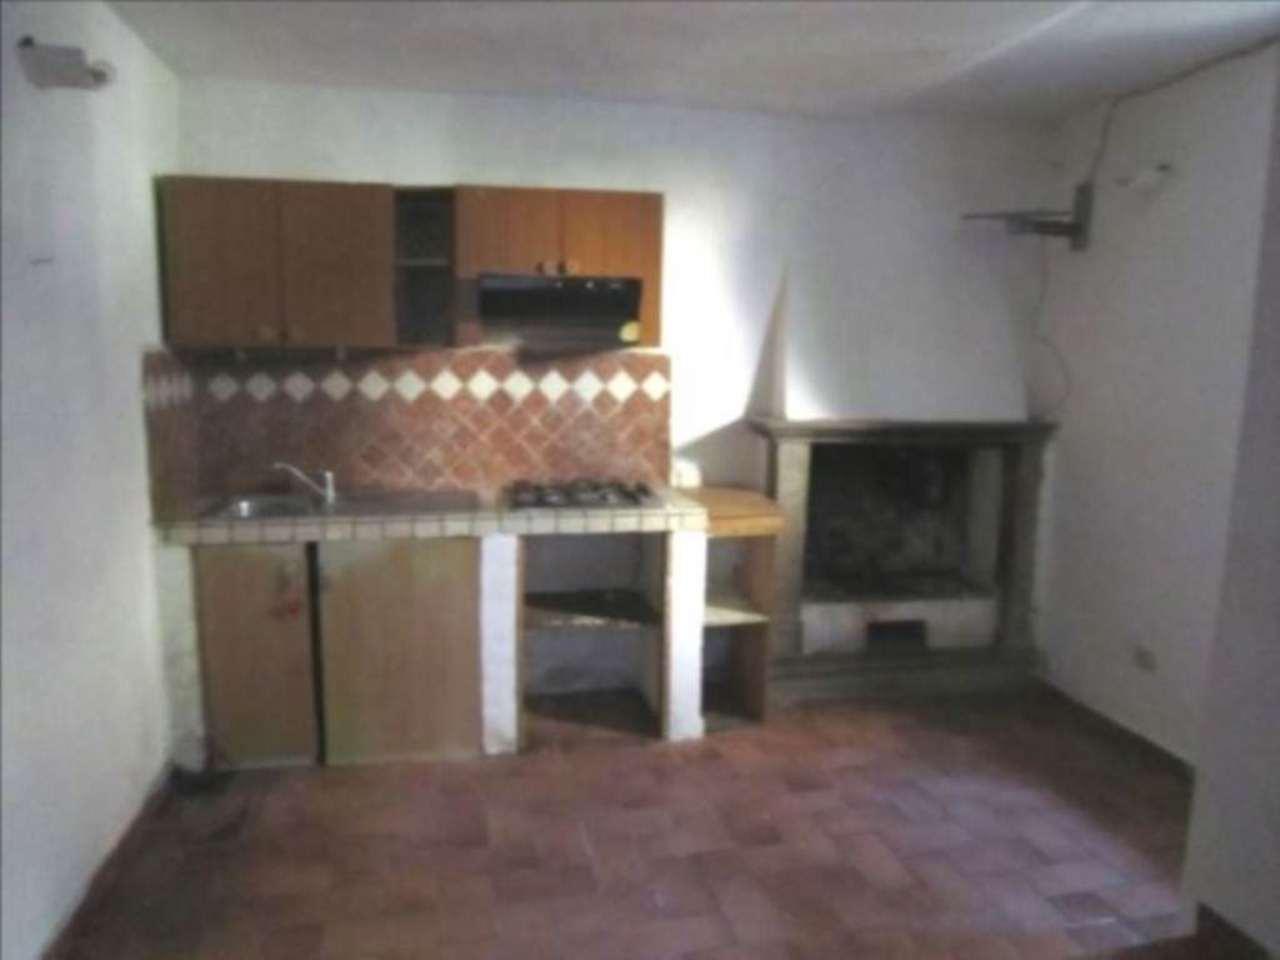 Appartamento in vendita a Montopoli di Sabina, 2 locali, prezzo € 20.000 | Cambio Casa.it